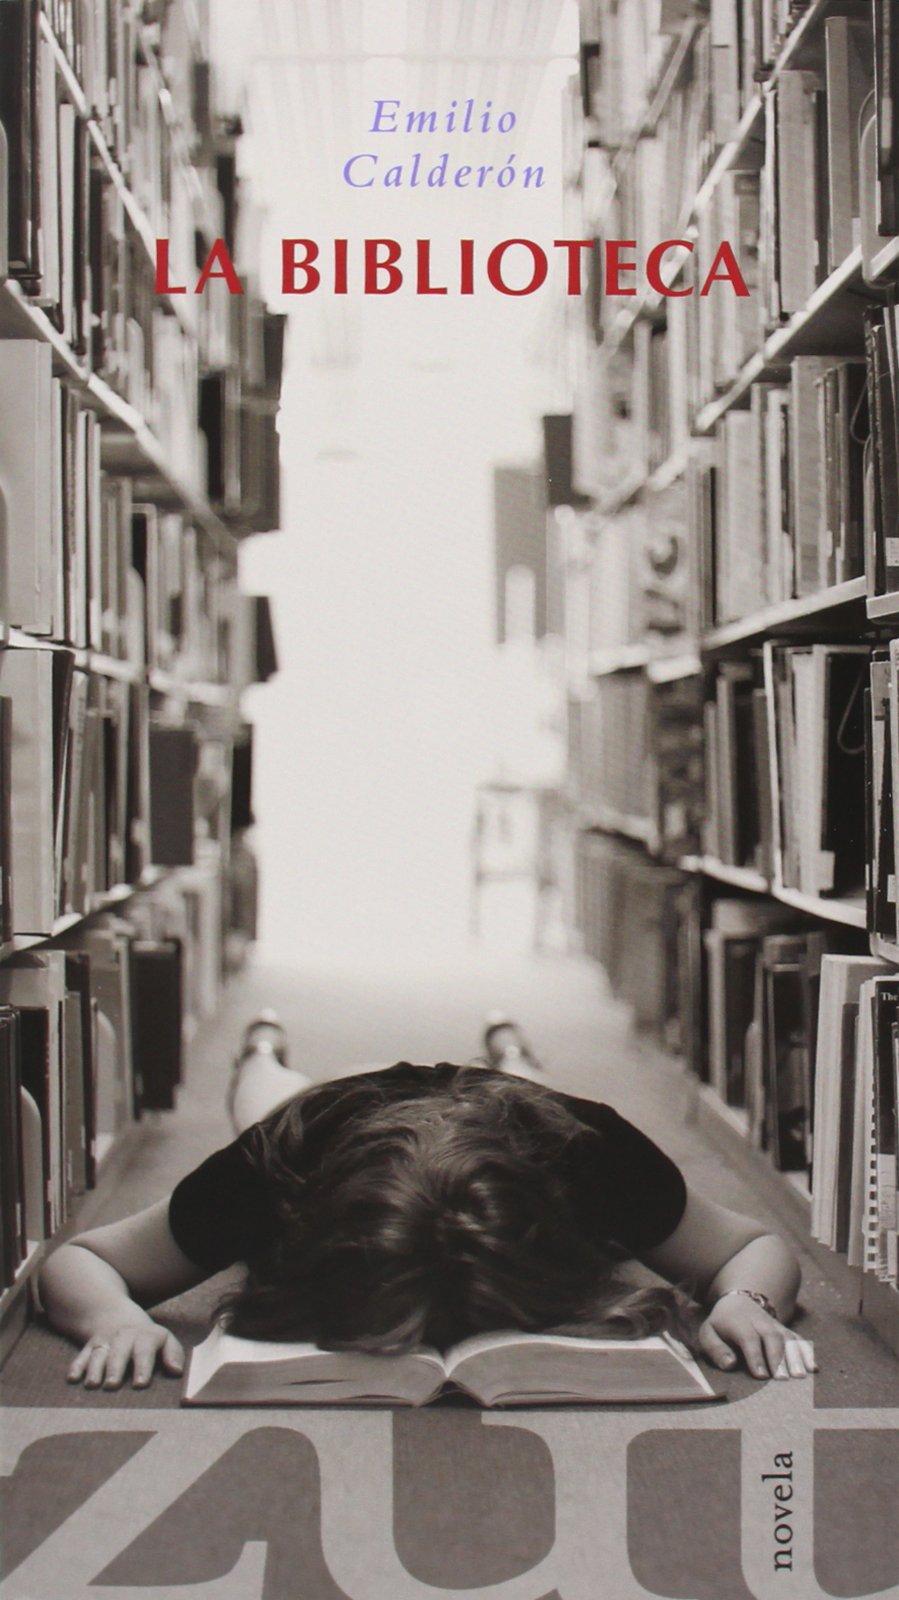 La Biblioteca (NARRATIVA): Amazon.es: Emilio Calderon: Libros